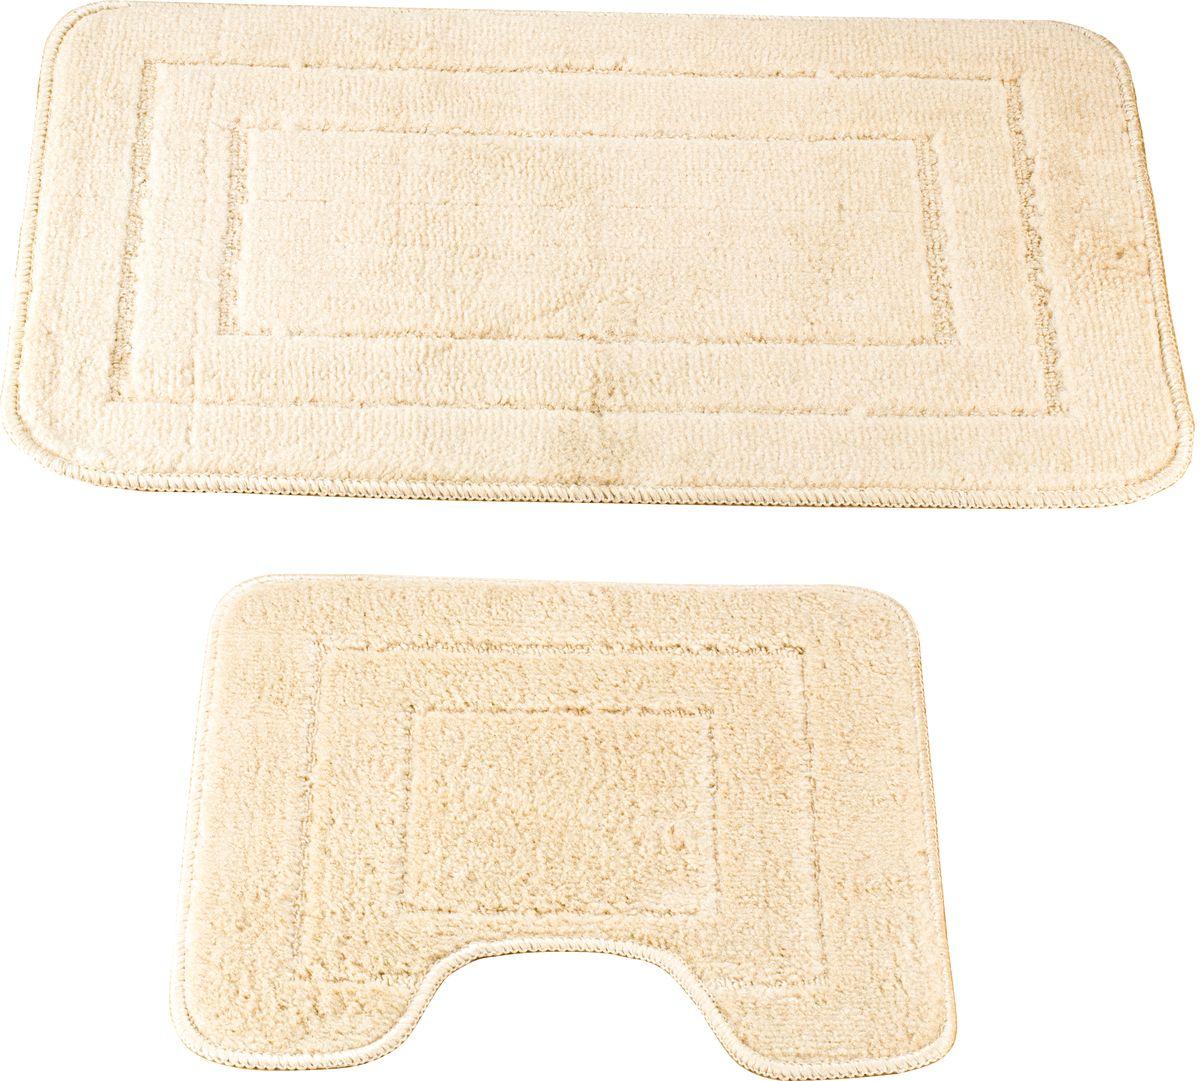 Набор ковриков для ванной Swensa Como, цвет: бежевый, 45 х 70 см, 45 х 45 см, 2 штSWMS-1030-BEIGEНабор ковриков Como — аксессуар для ванной комнаты, сочетающий отличные эксплуатационные характеристики с привлекательной расцветкой. Изделие выполнено из гипоаллергенного и износостойкого полипропиленового волокна. Рельефный ворс различной длины обеспечивает приятные тактильные ощущения и легкий массажный эффект. Края обработаны оверлоком, что предохраняет коврик от разлохмачивания и деформации. Рекомендована деликатная машинная стирка.